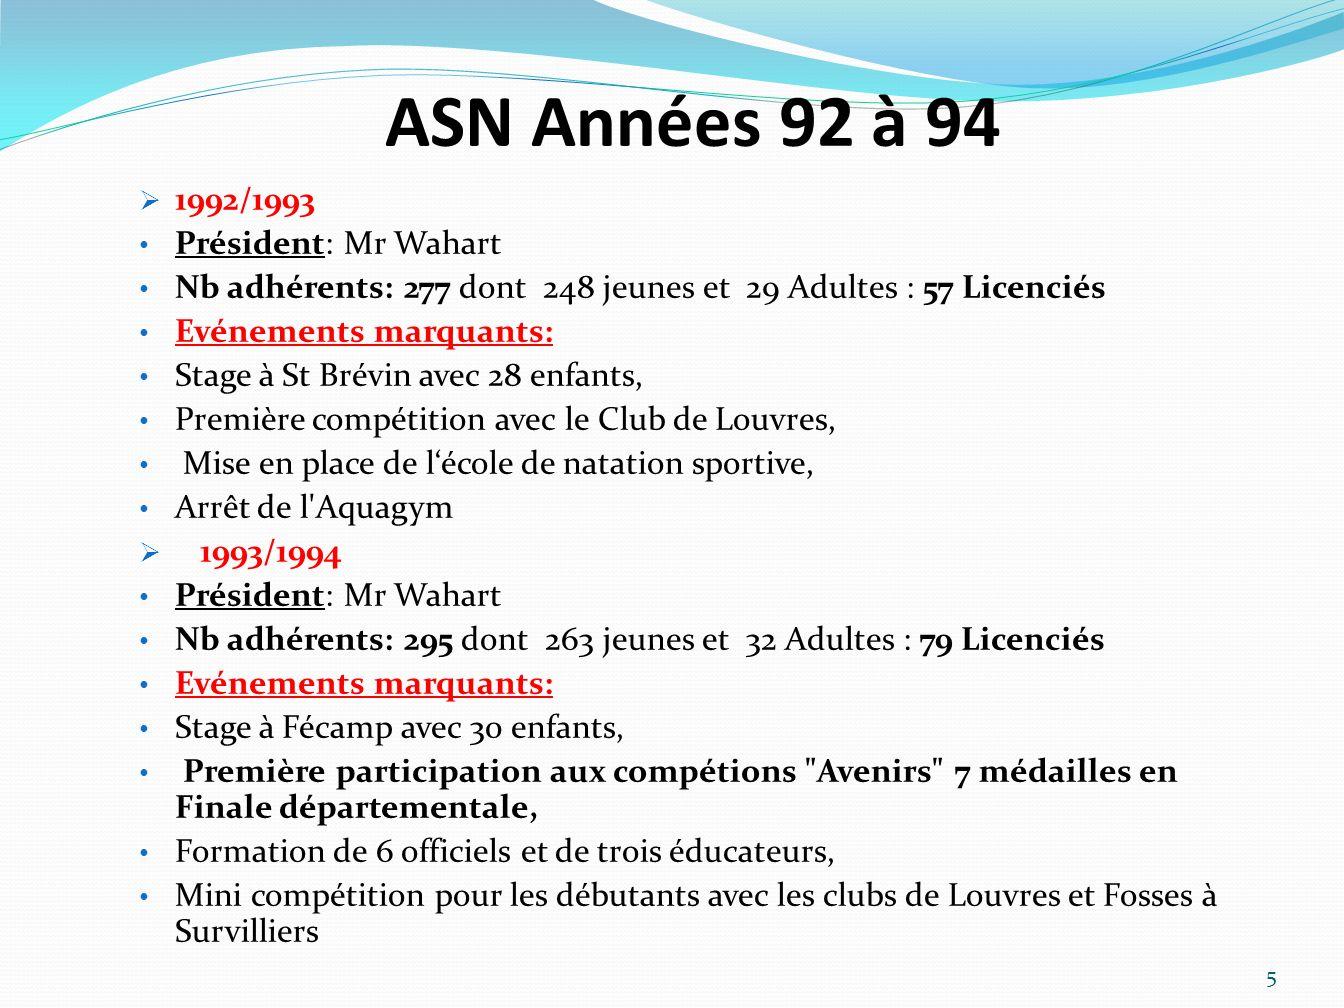 ASN Années 92 à 94 1992/1993 Président: Mr Wahart Nb adhérents: 277 dont 248 jeunes et 29 Adultes : 57 Licenciés Evénements marquants: Stage à St Brév